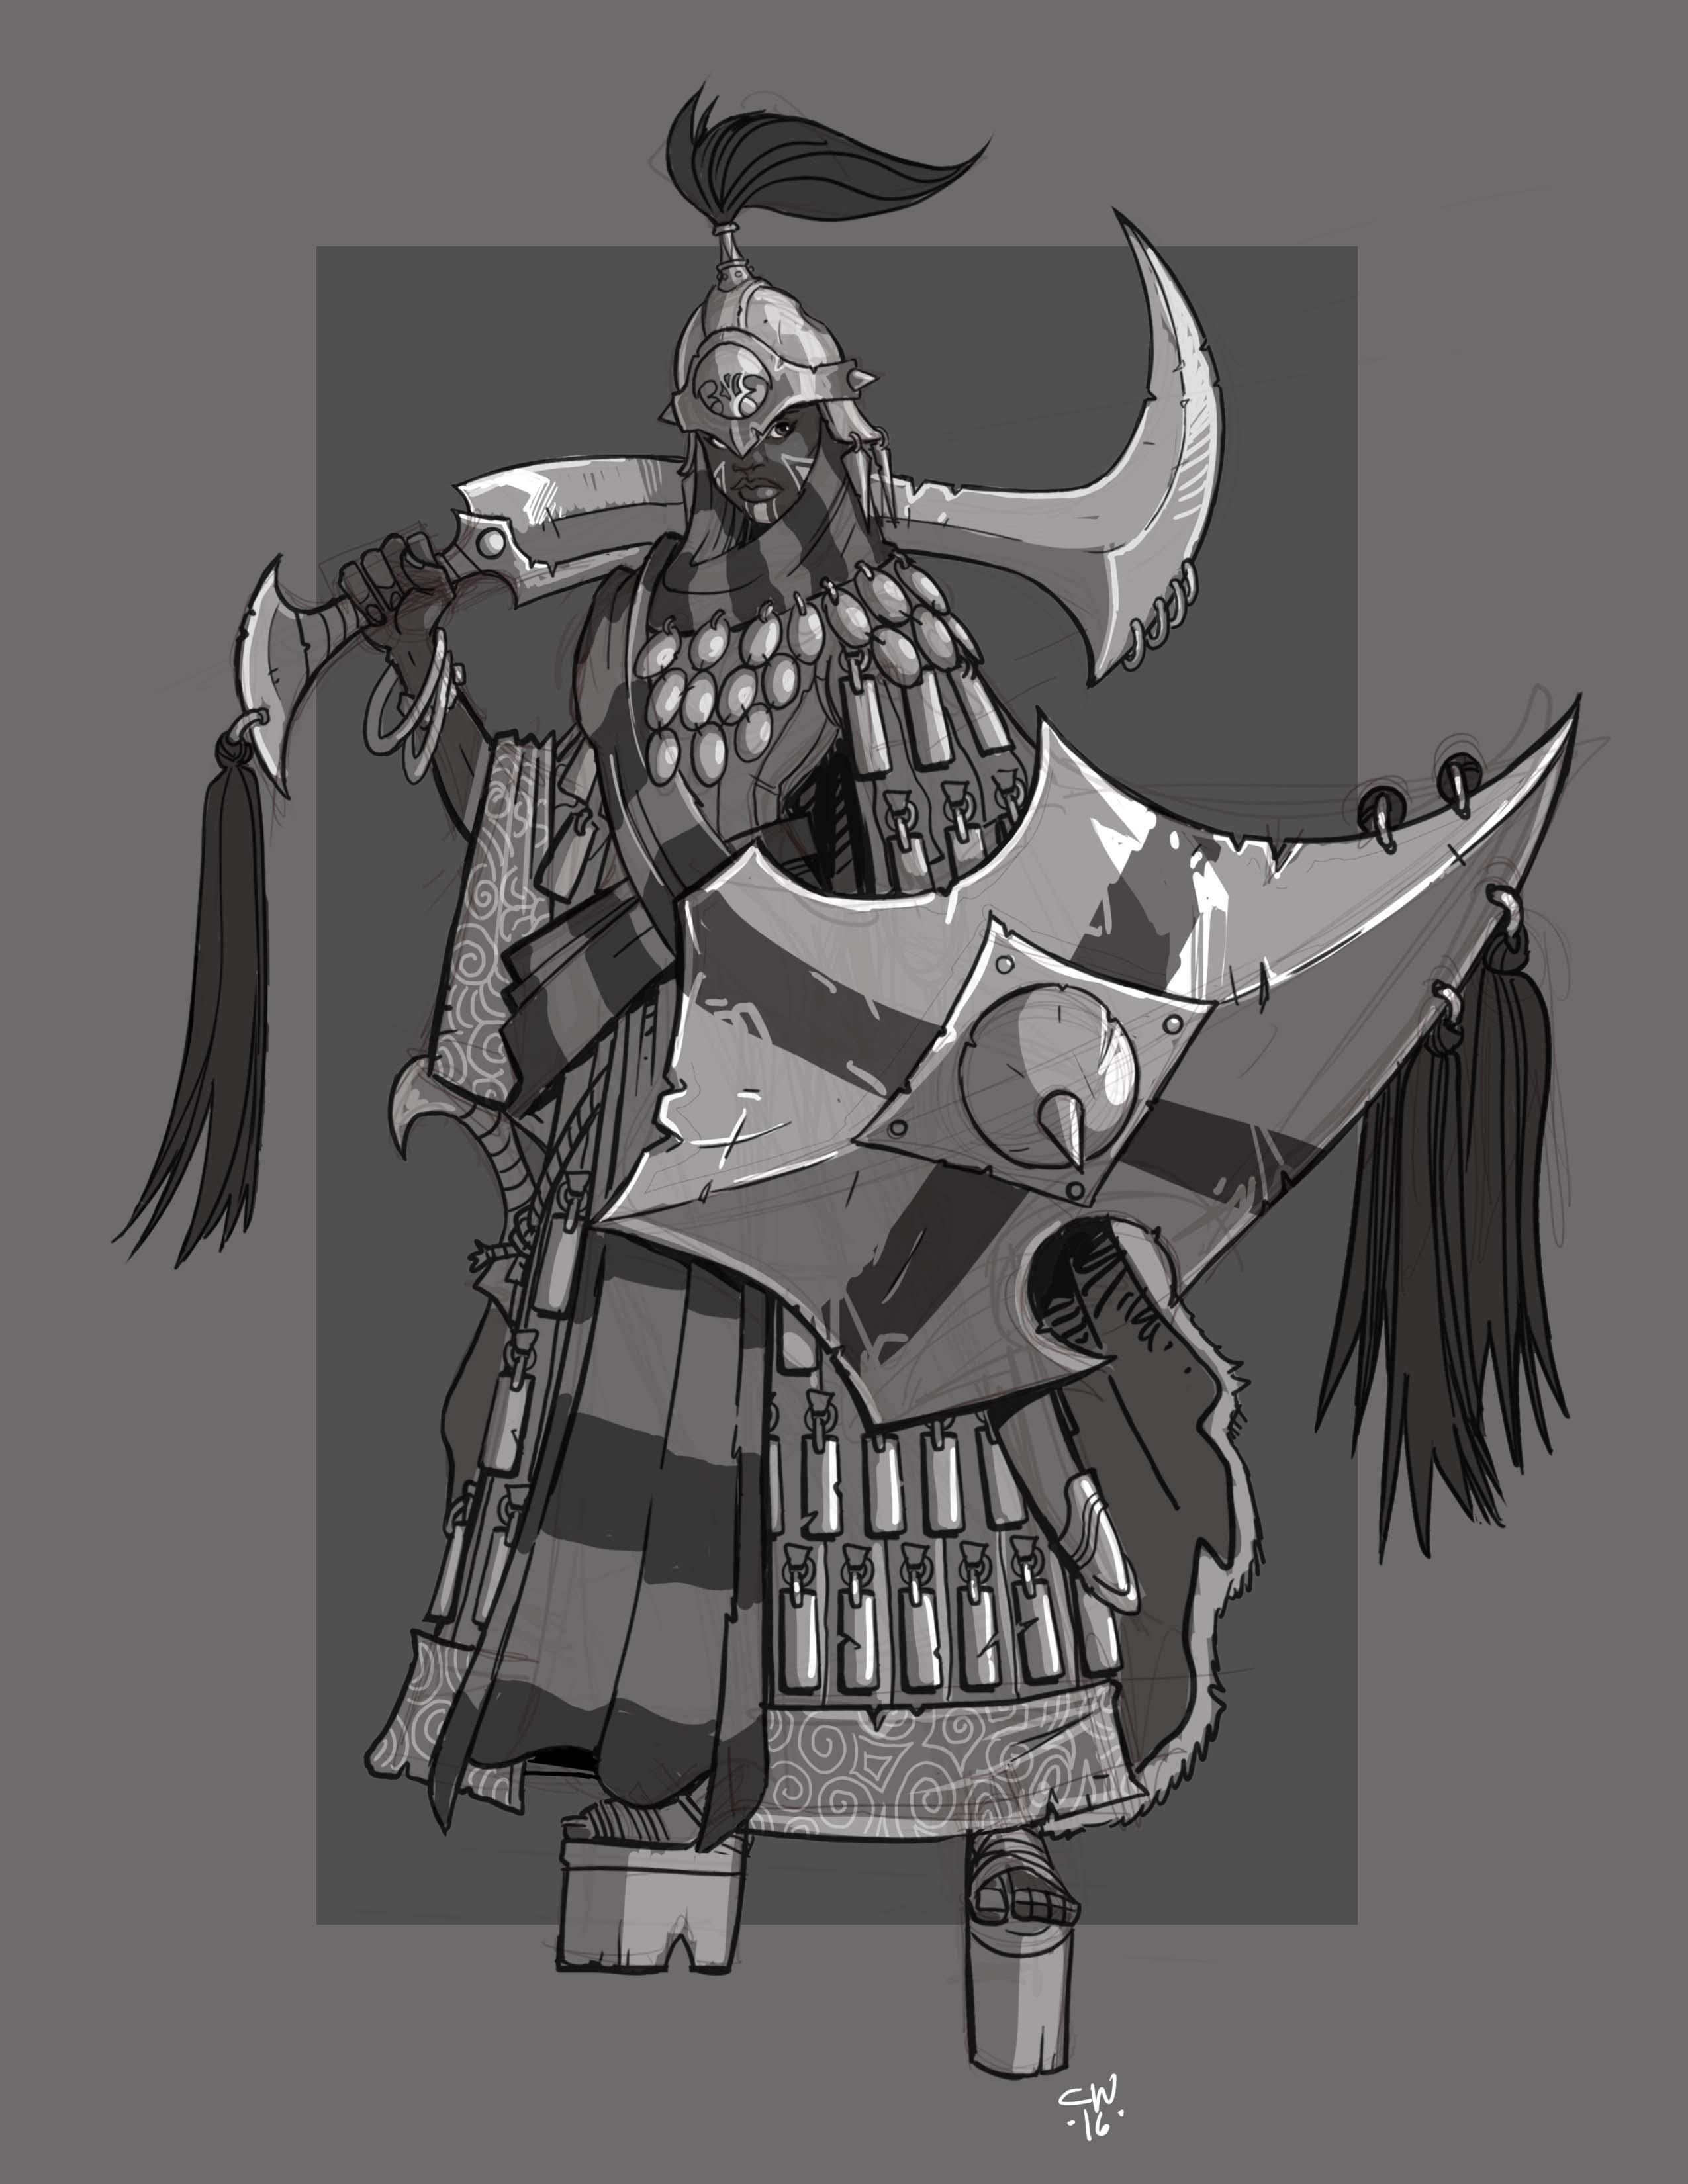 Imperial Legionnaire by cwalton73